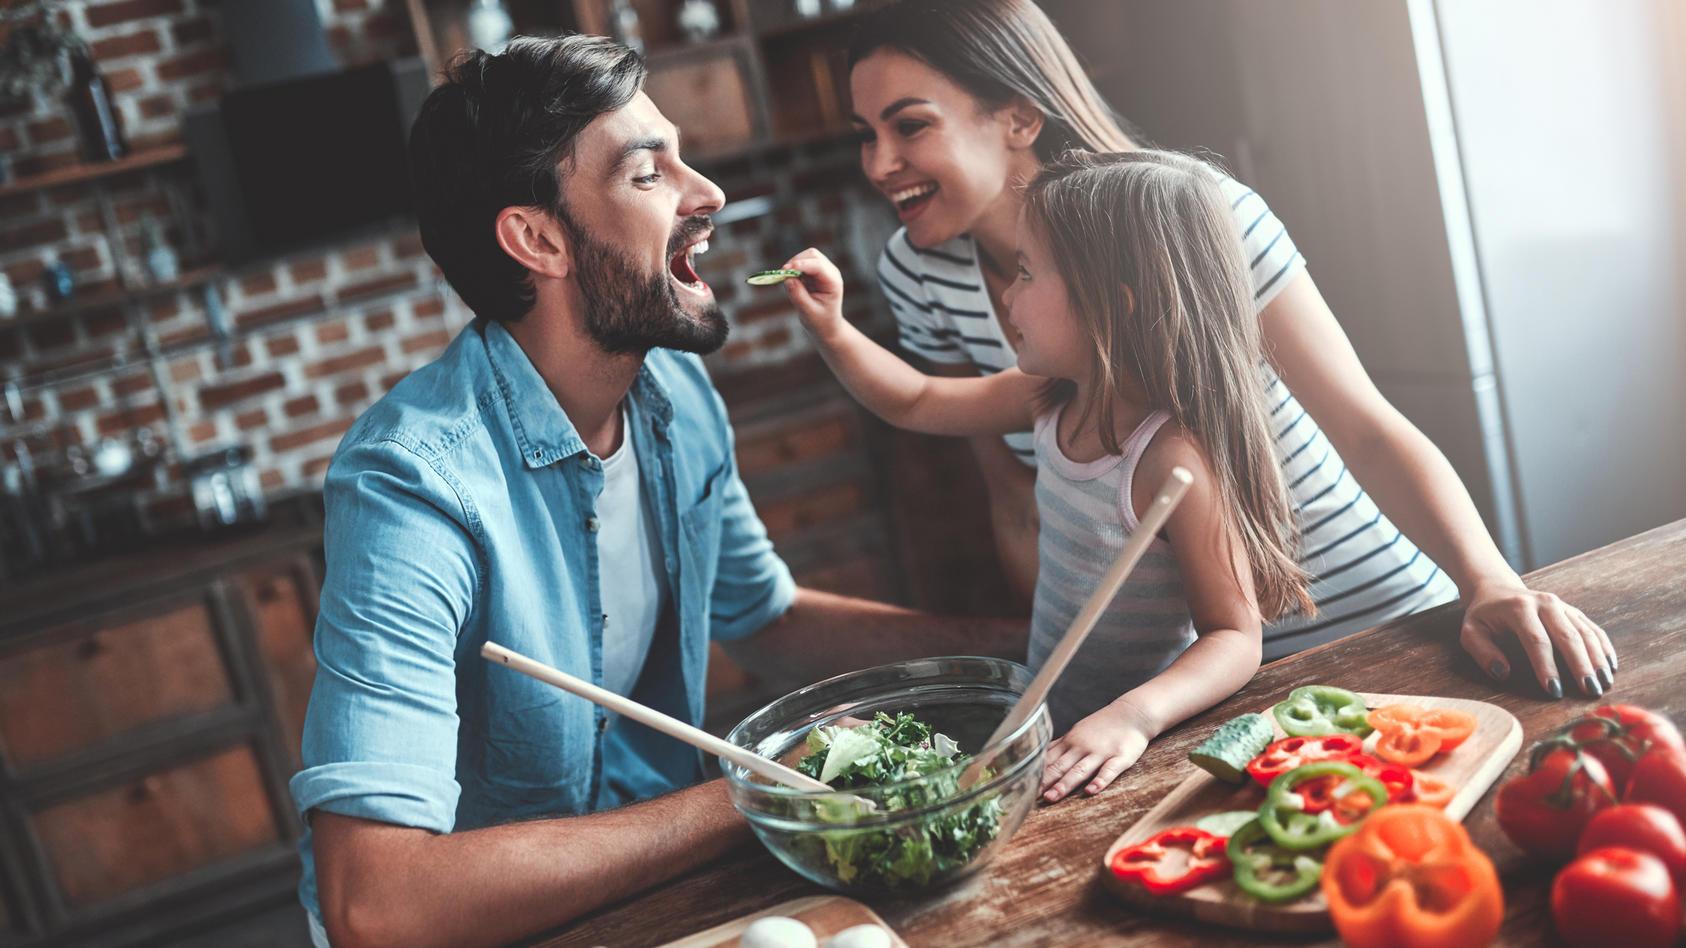 Wie wir essen und kochen hat einen großen Einfluss darauf, wie unsere persönliche CO2-Bilanz ausfällt.